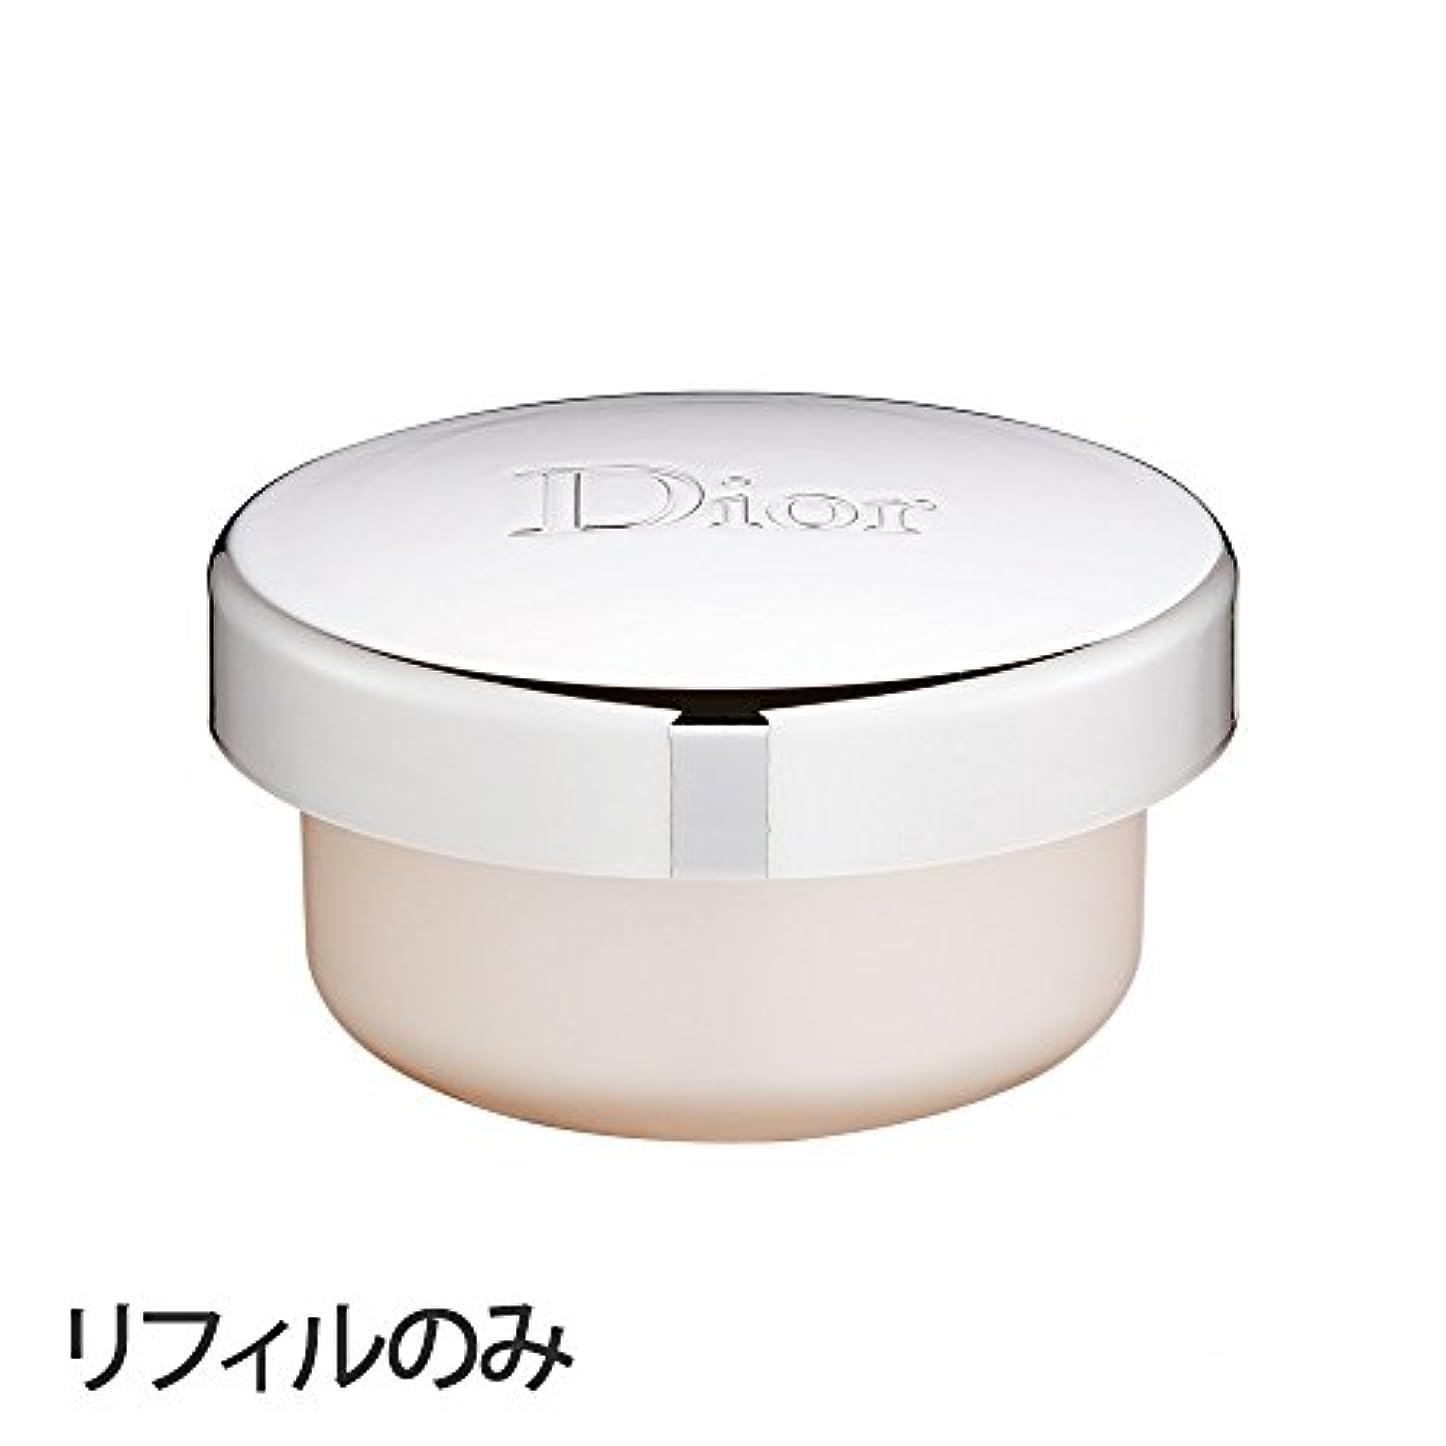 ティッシュアンカー東方ディオール(Dior) 【リフォルのみ】カプチュール トータル クリーム [並行輸入品]